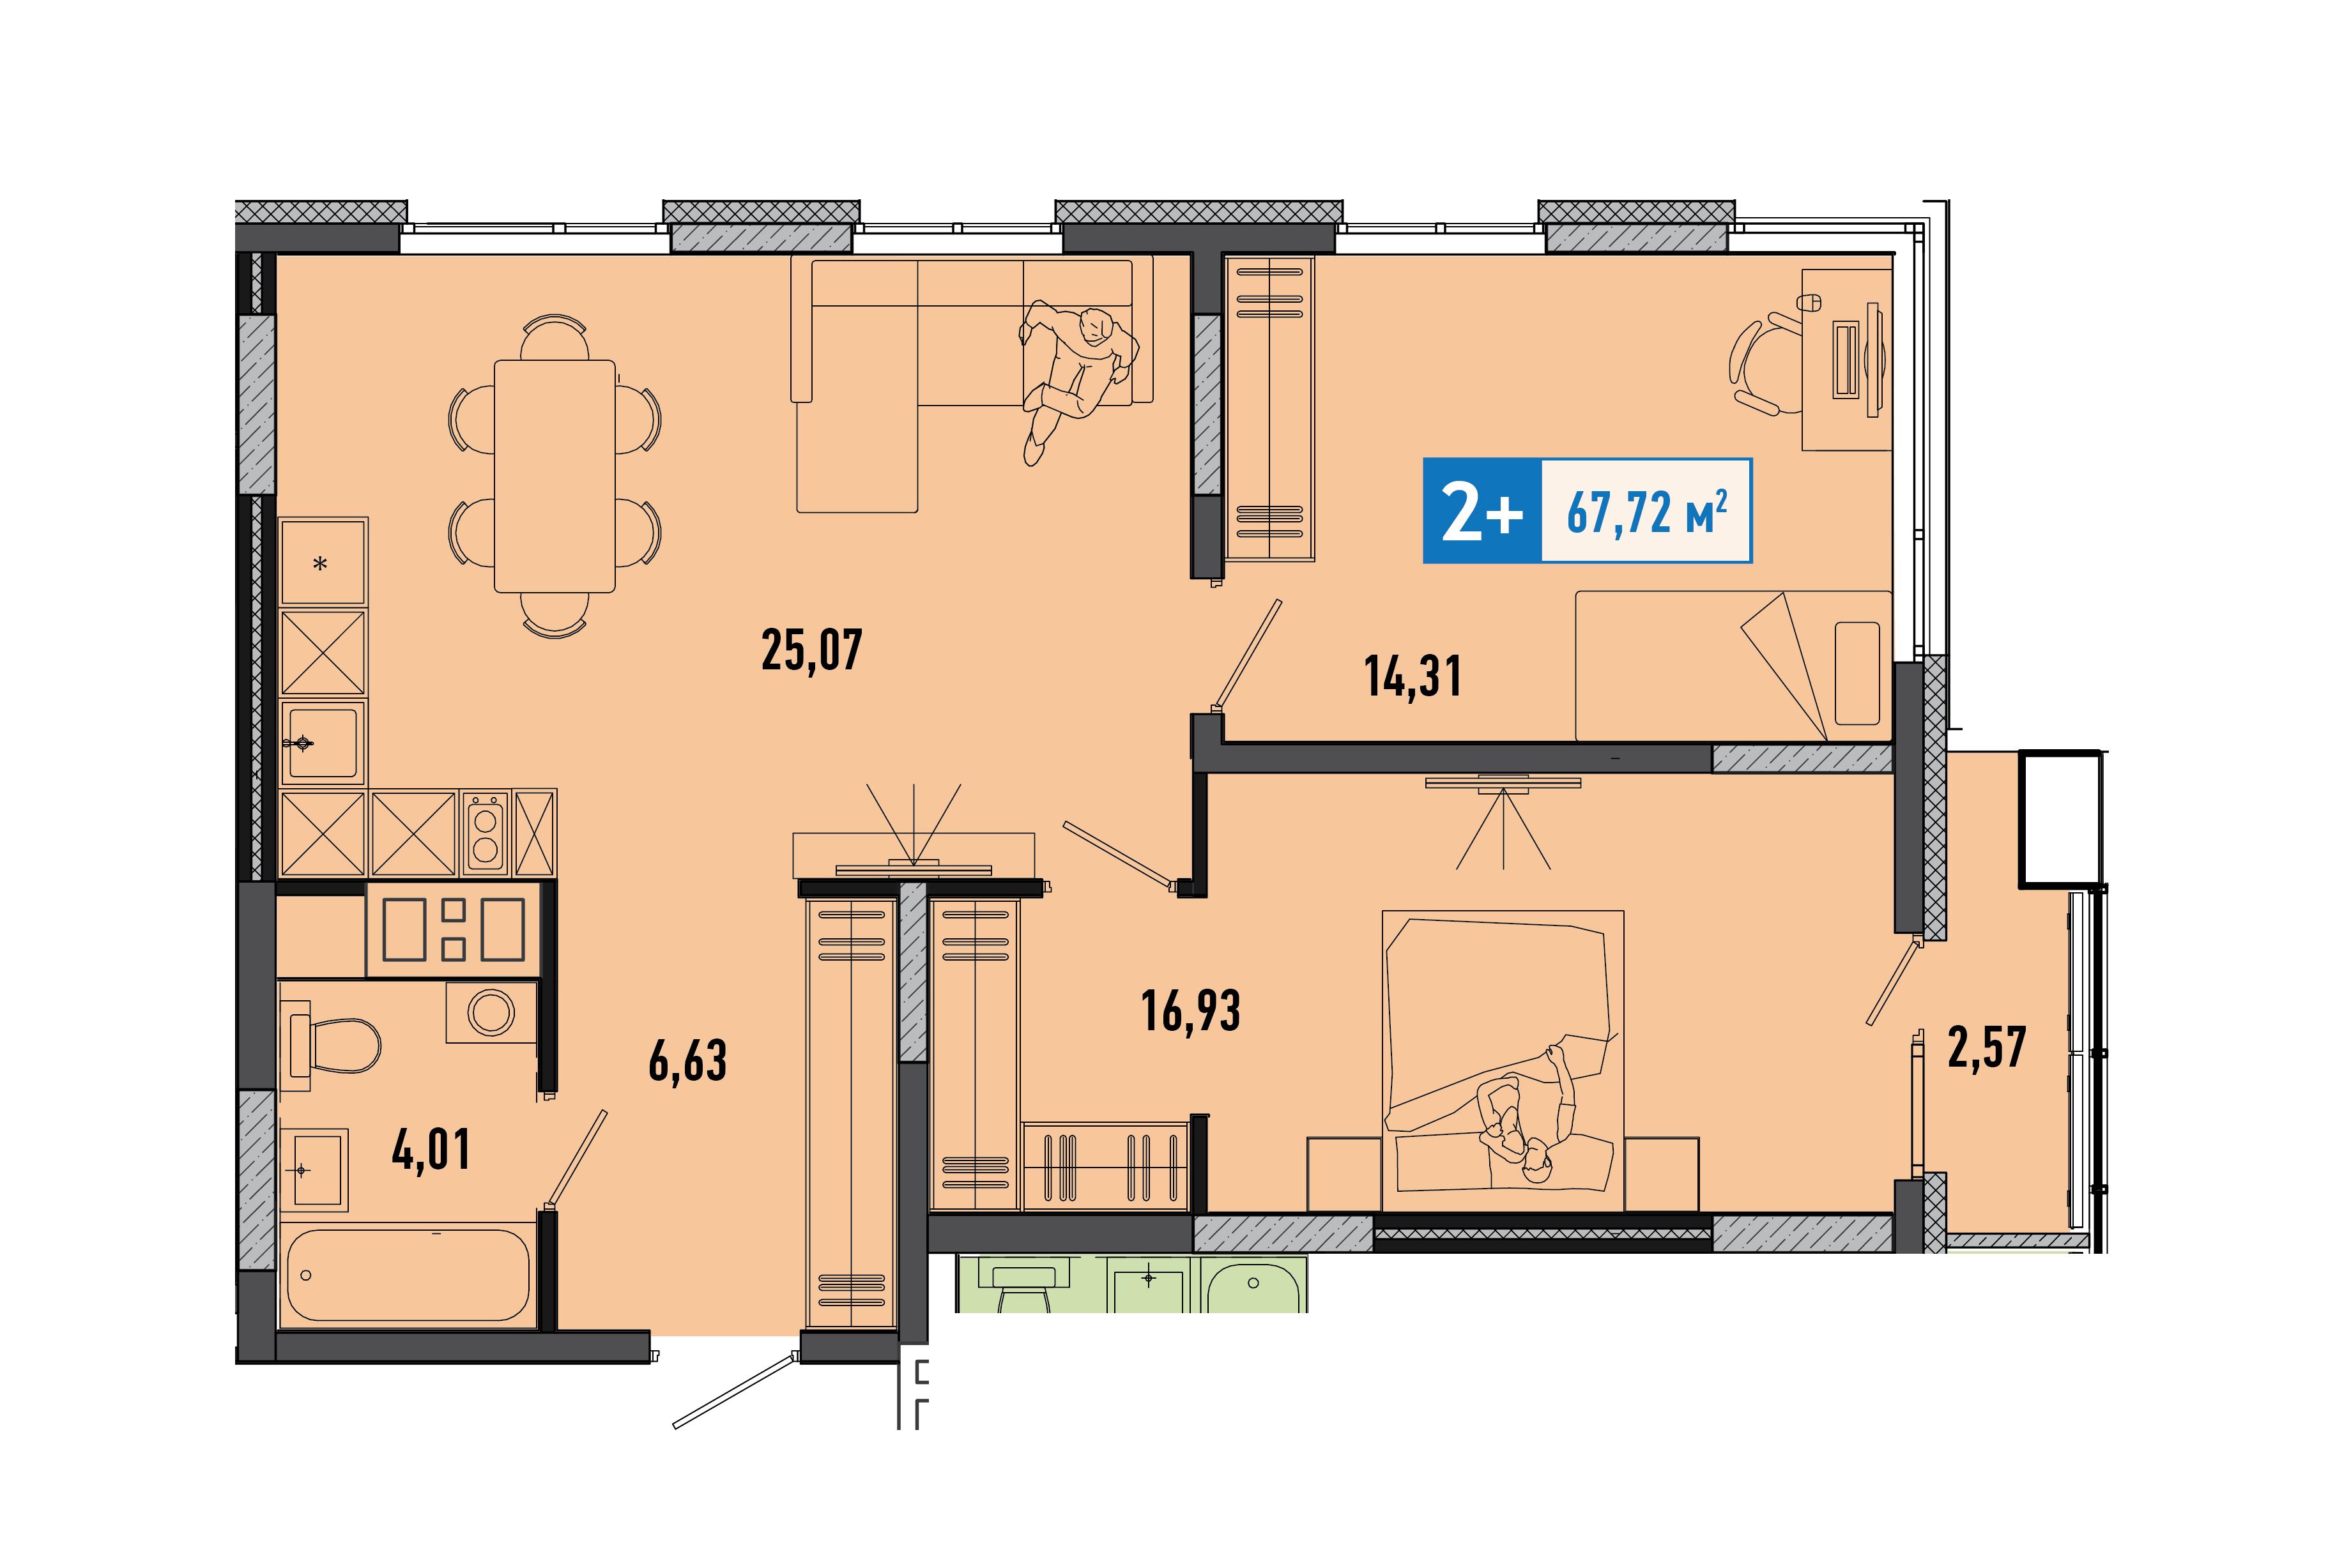 2 комнатная квартира  от застройщика,  в районе Учхоз, ул. Ямская, ЖК «Мозаика Парк», Тюмень